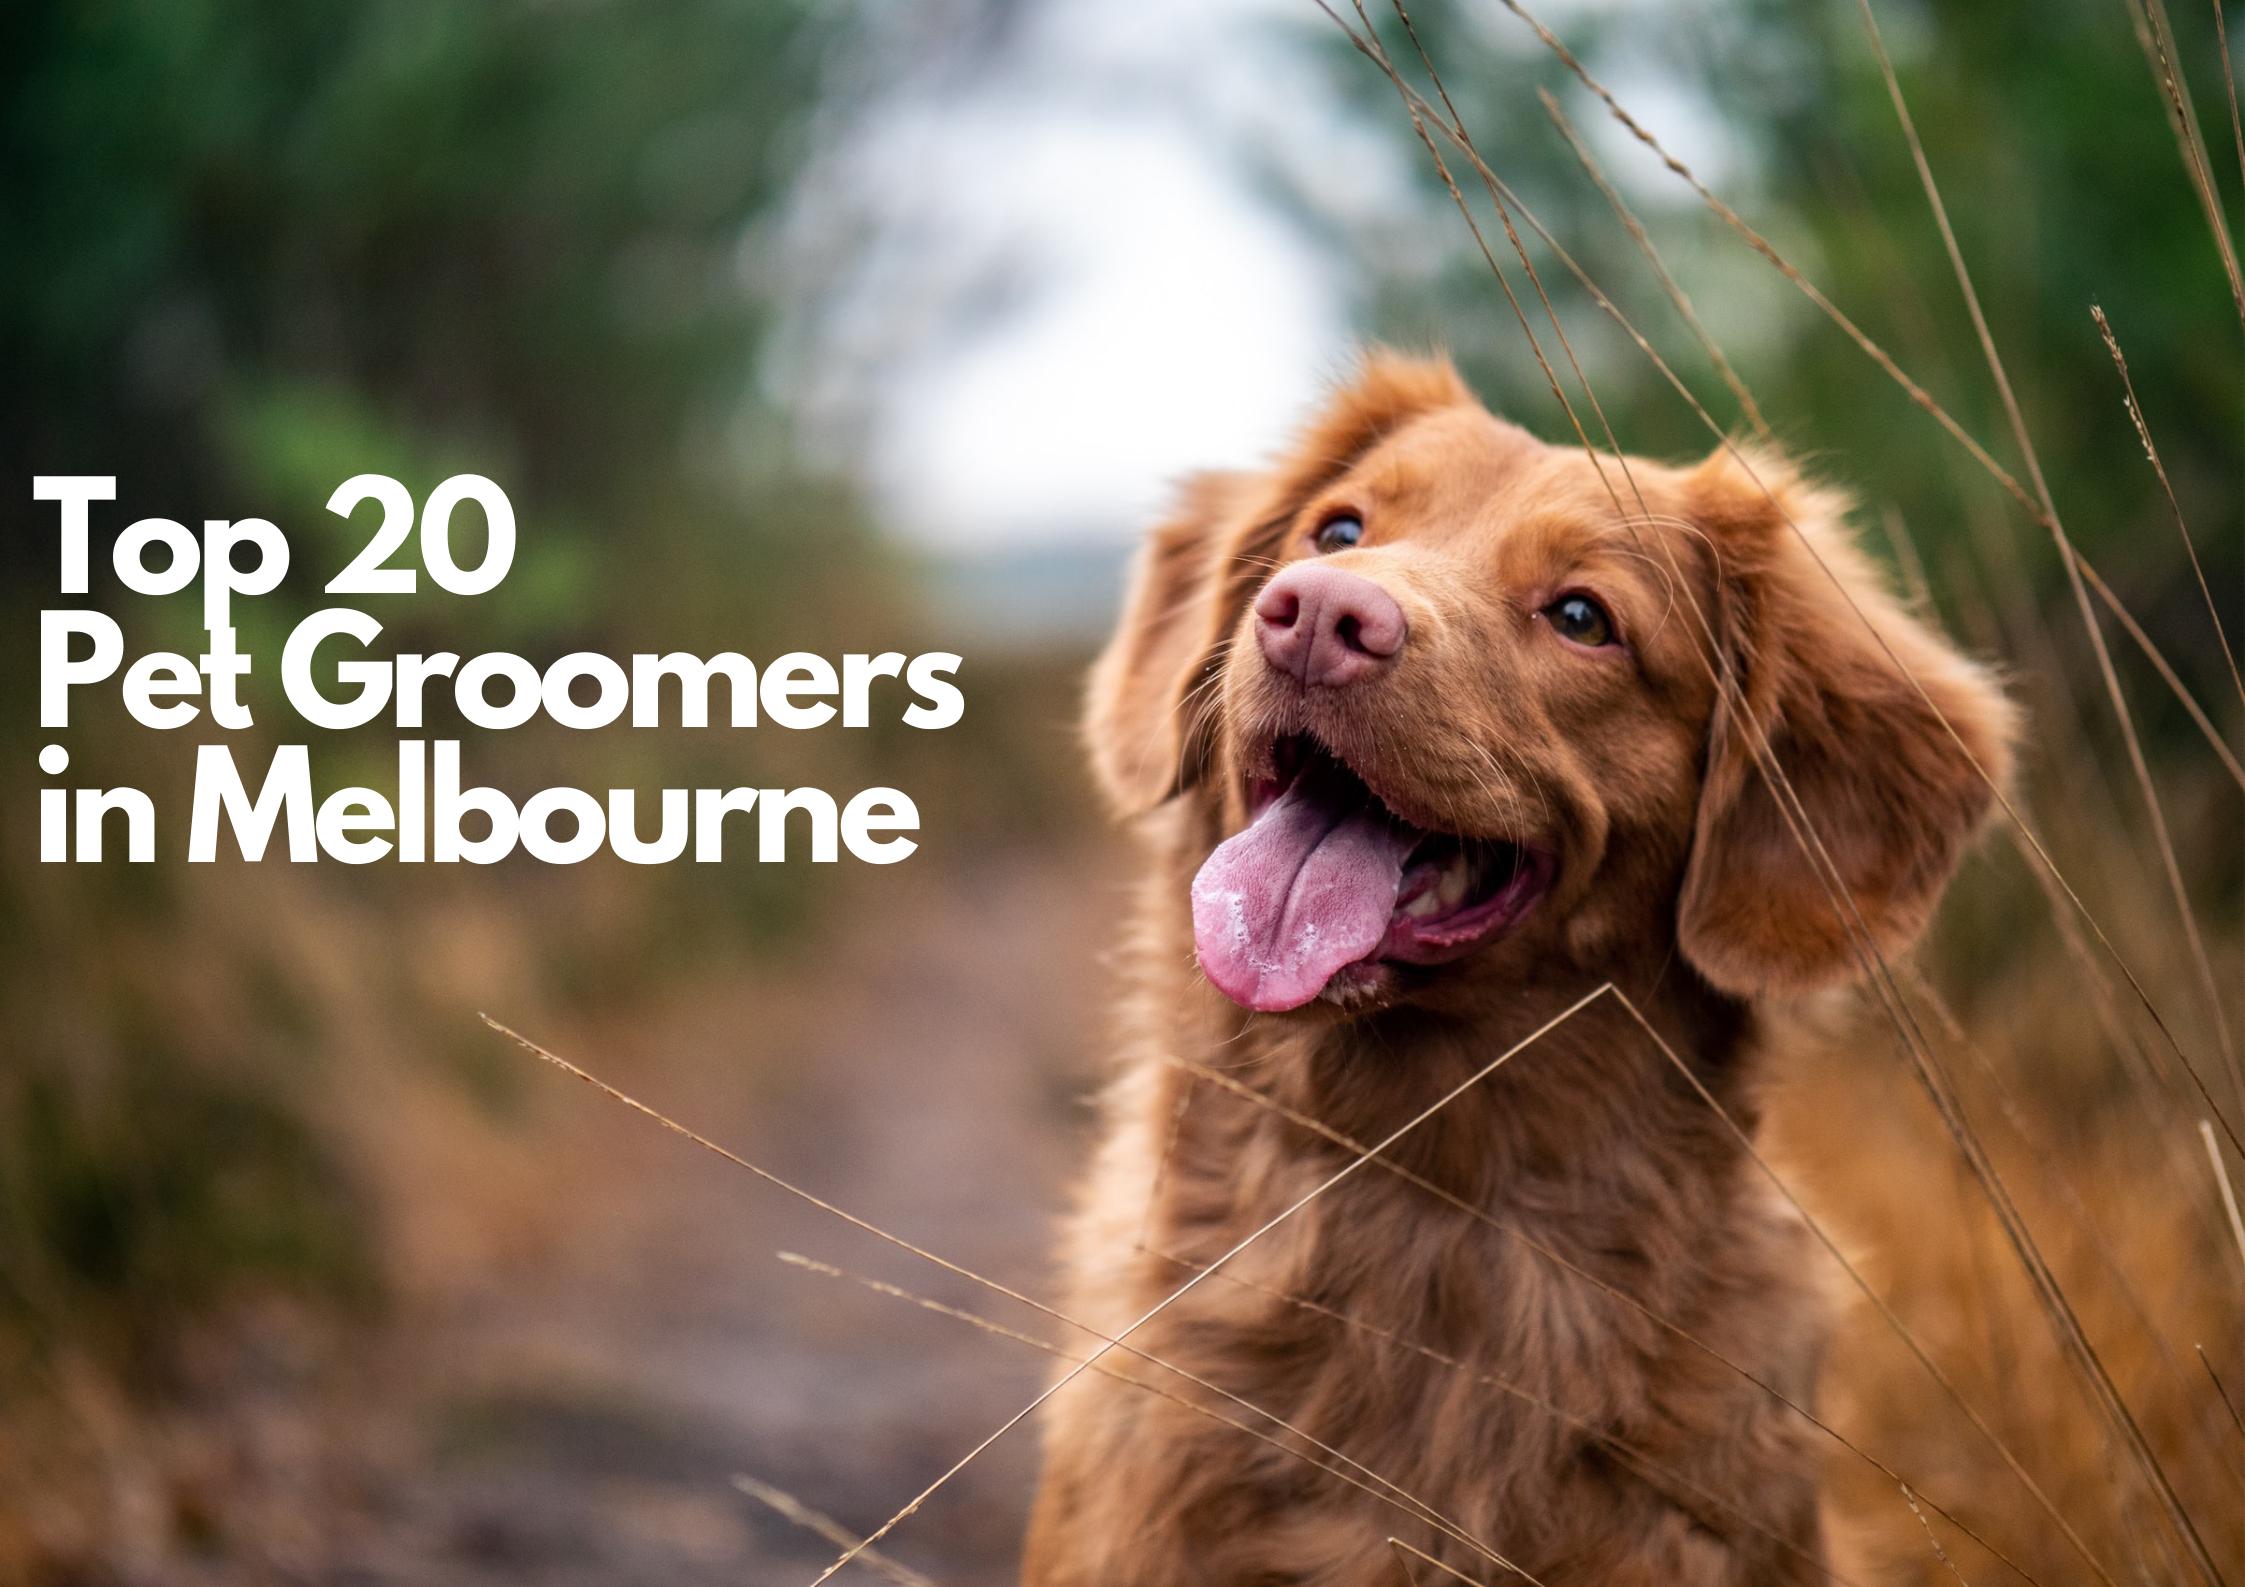 Top 20 Pet Groomers